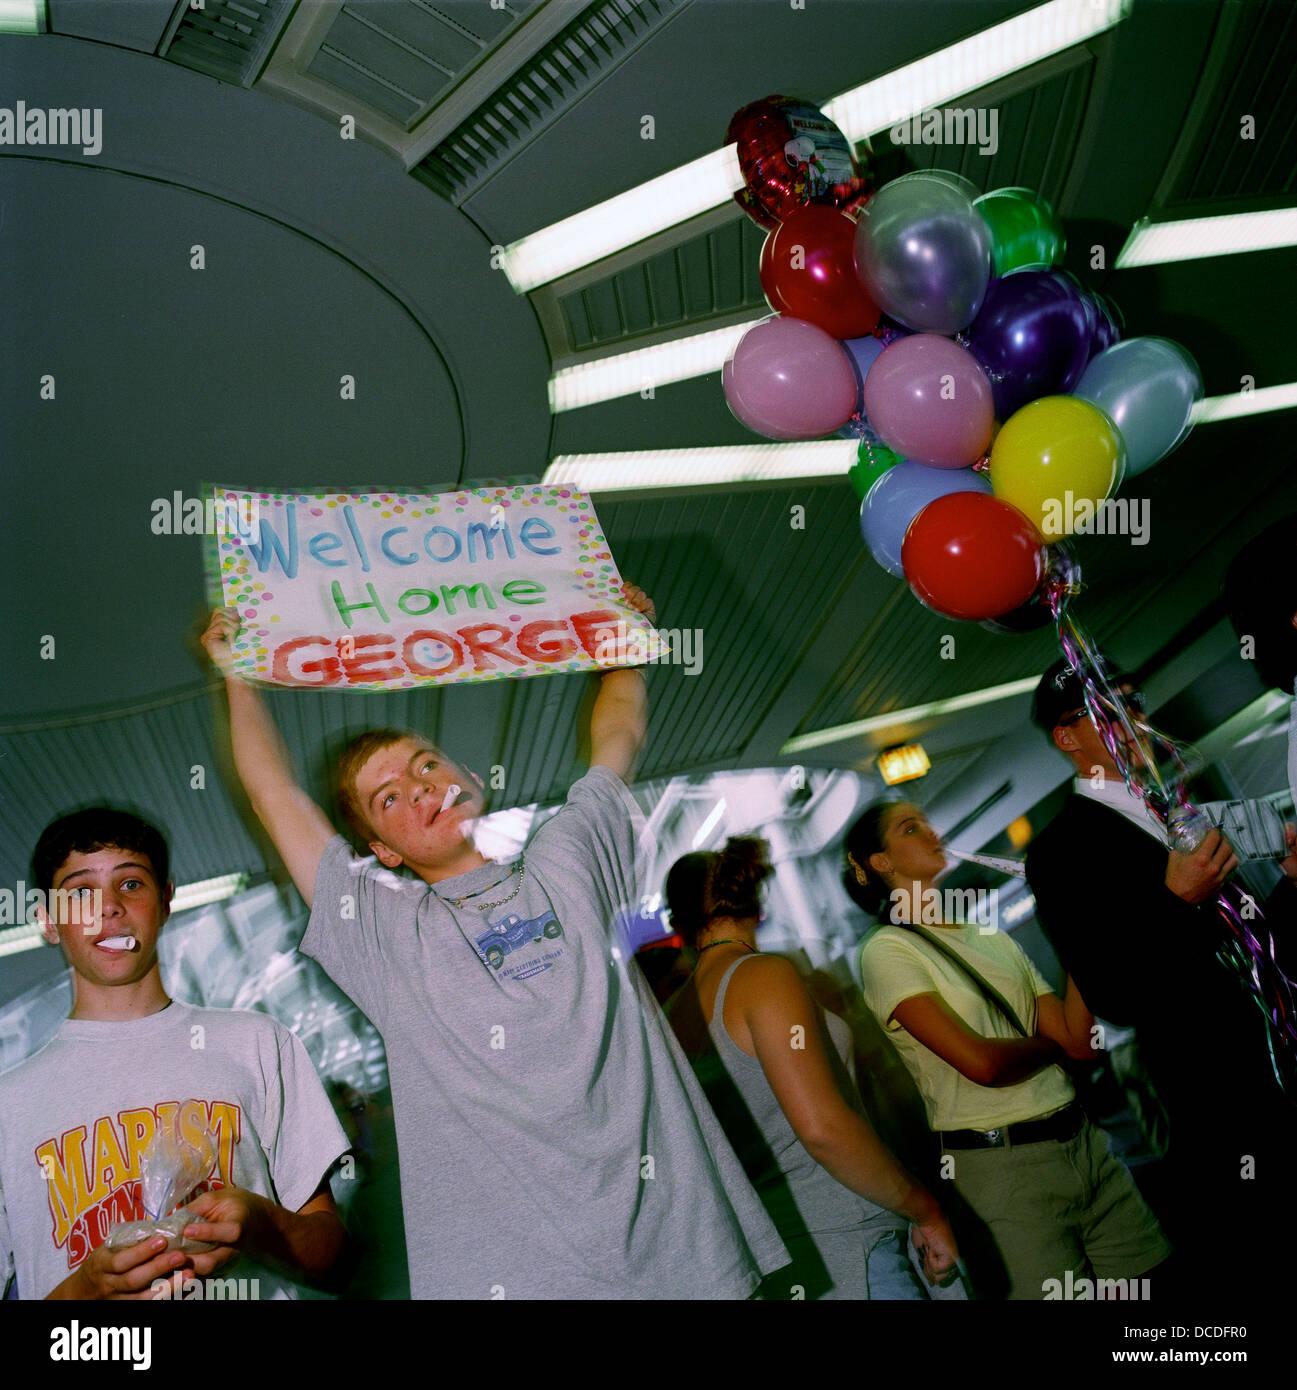 Avec d'autres, un jeune homme avec un ballon Accueil Bienvenue répond à un ami appelé George après une longue absence, Banque D'Images